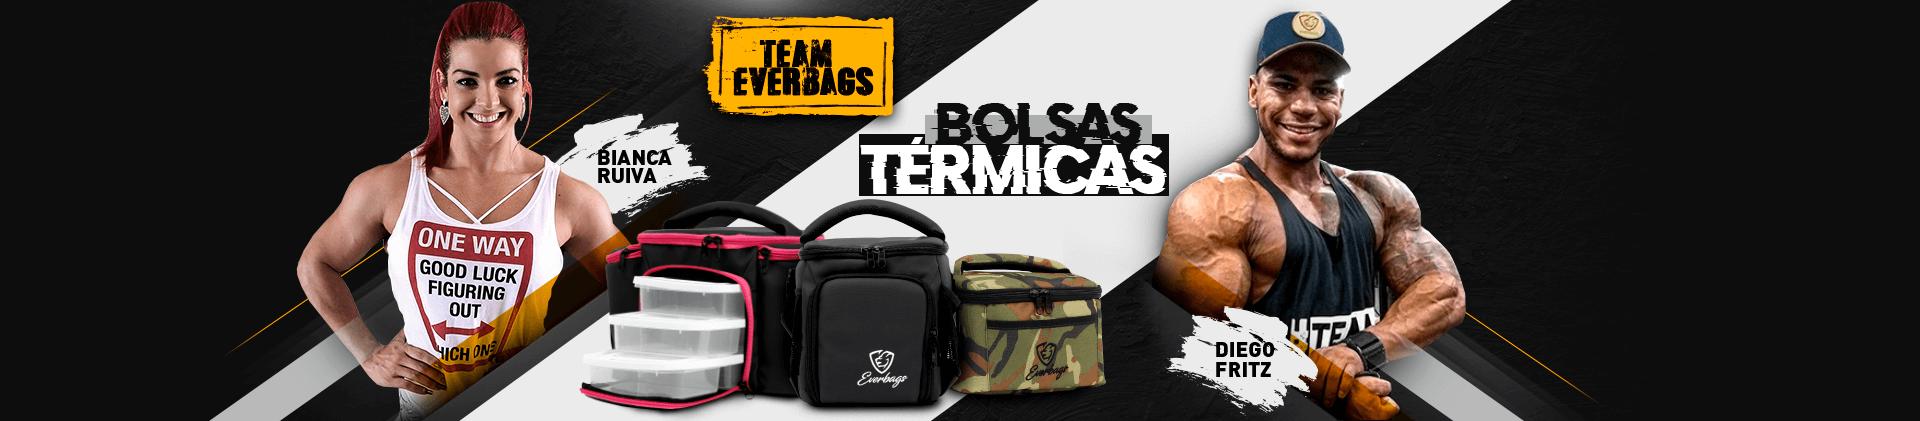 Bolsas Térmicas Everbags